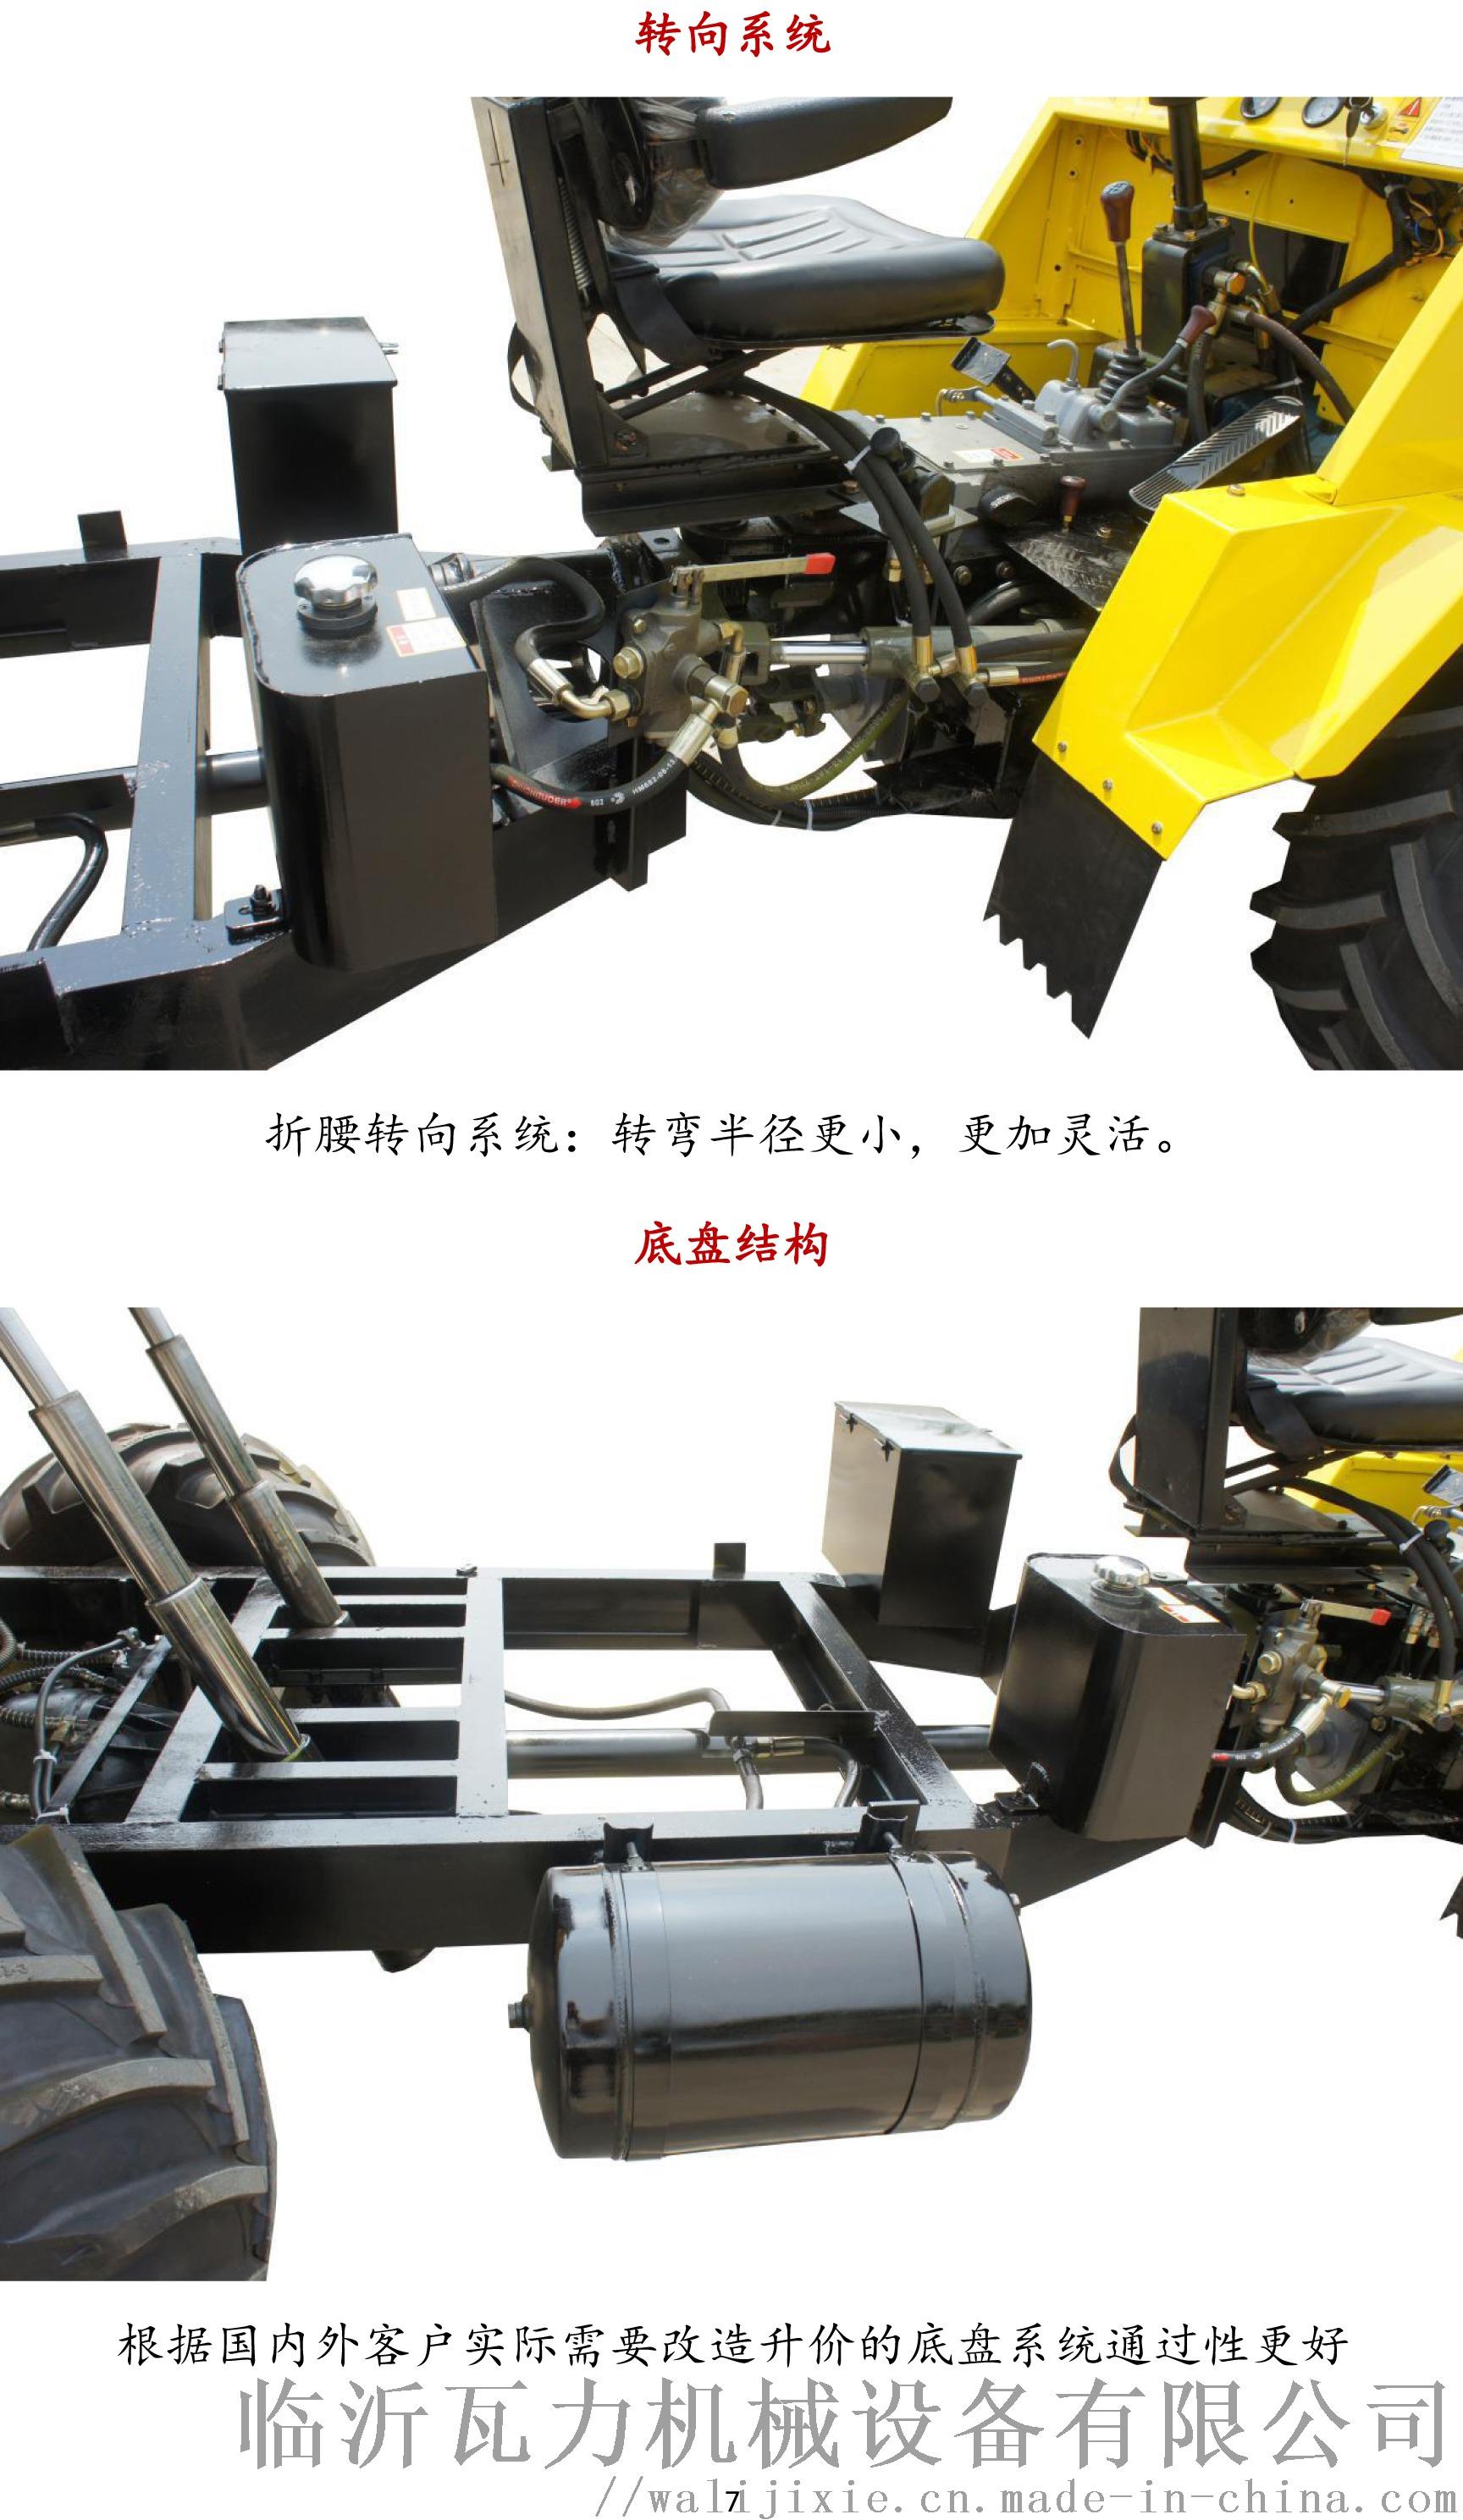 WNJ-254-4 (4).jpg